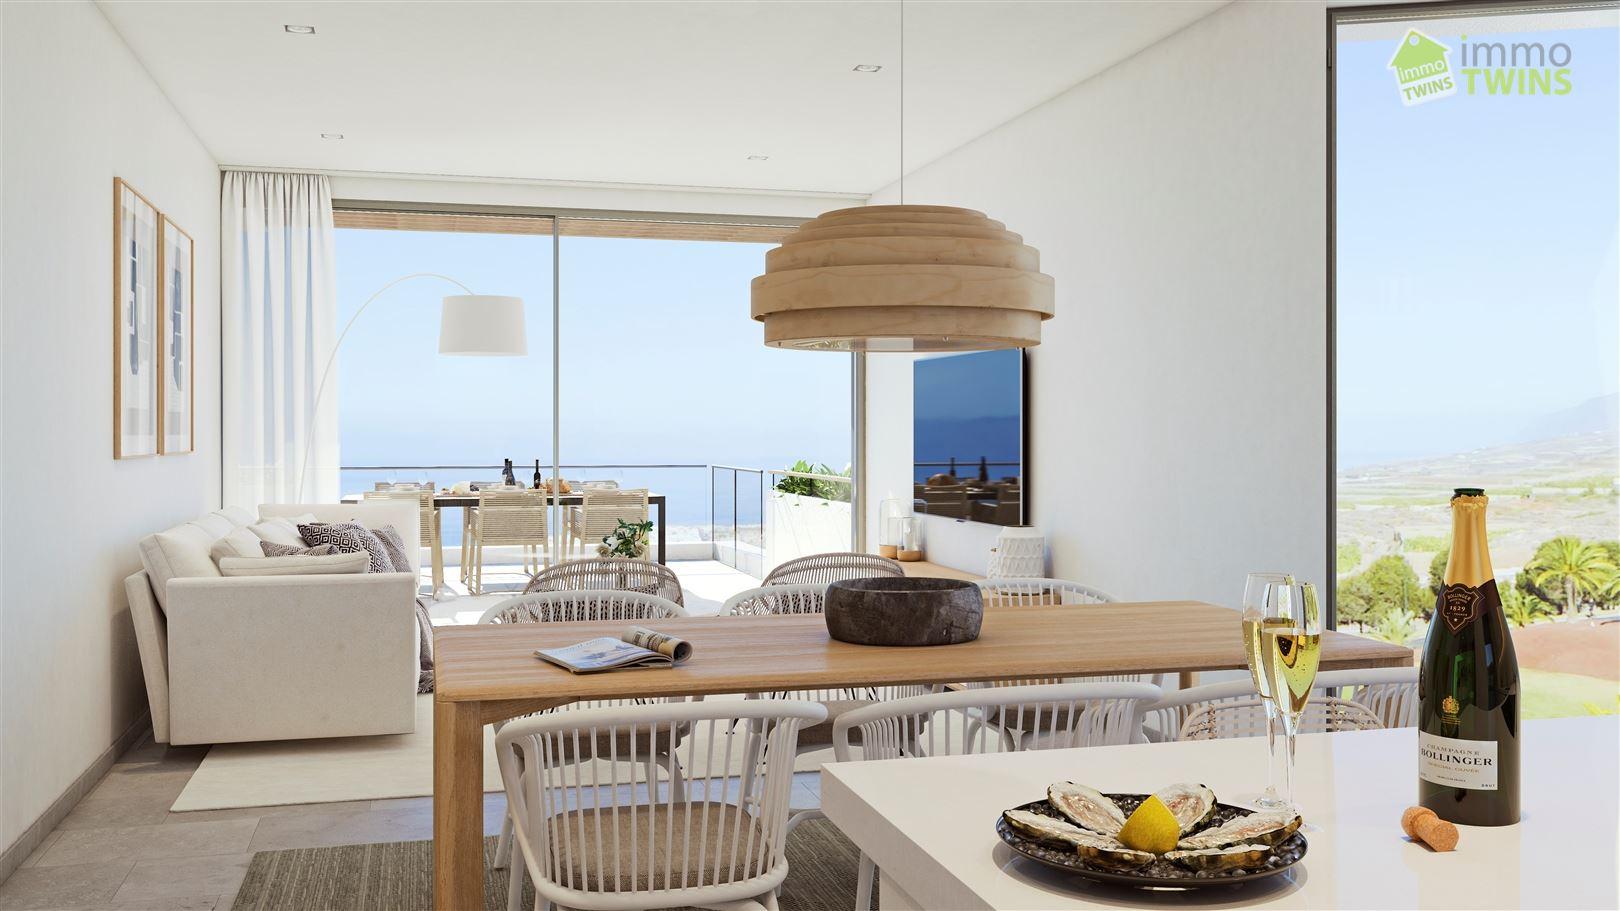 Foto 3 : Appartement te   (Spanje) - Prijs Prijs op aanvraag